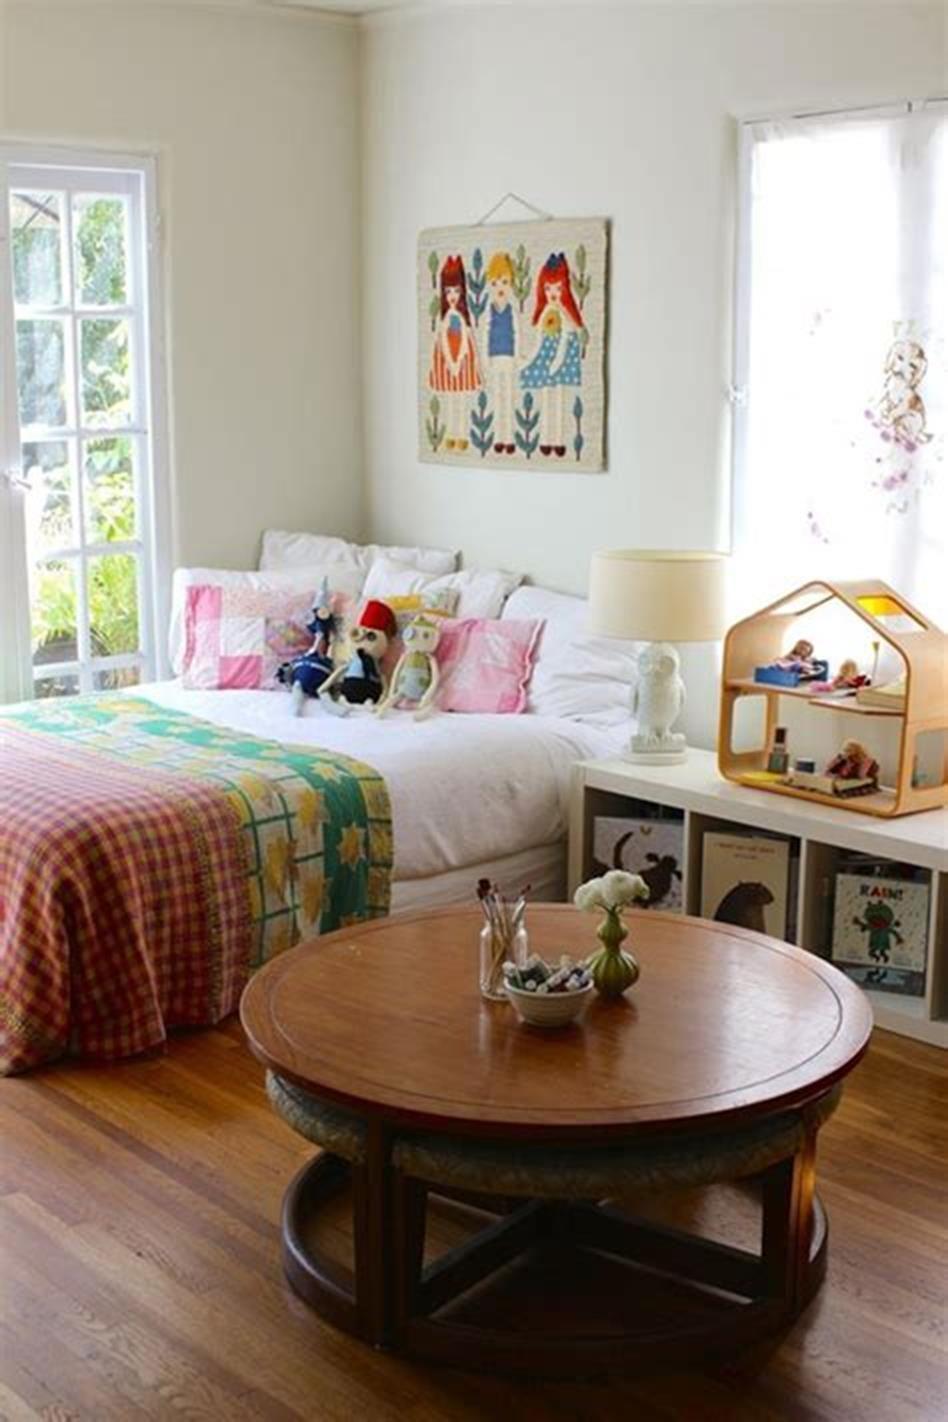 40 cozy minimalist bedroom decorating ideas in 2019 ev on cozy minimalist bedroom decorating ideas id=39677